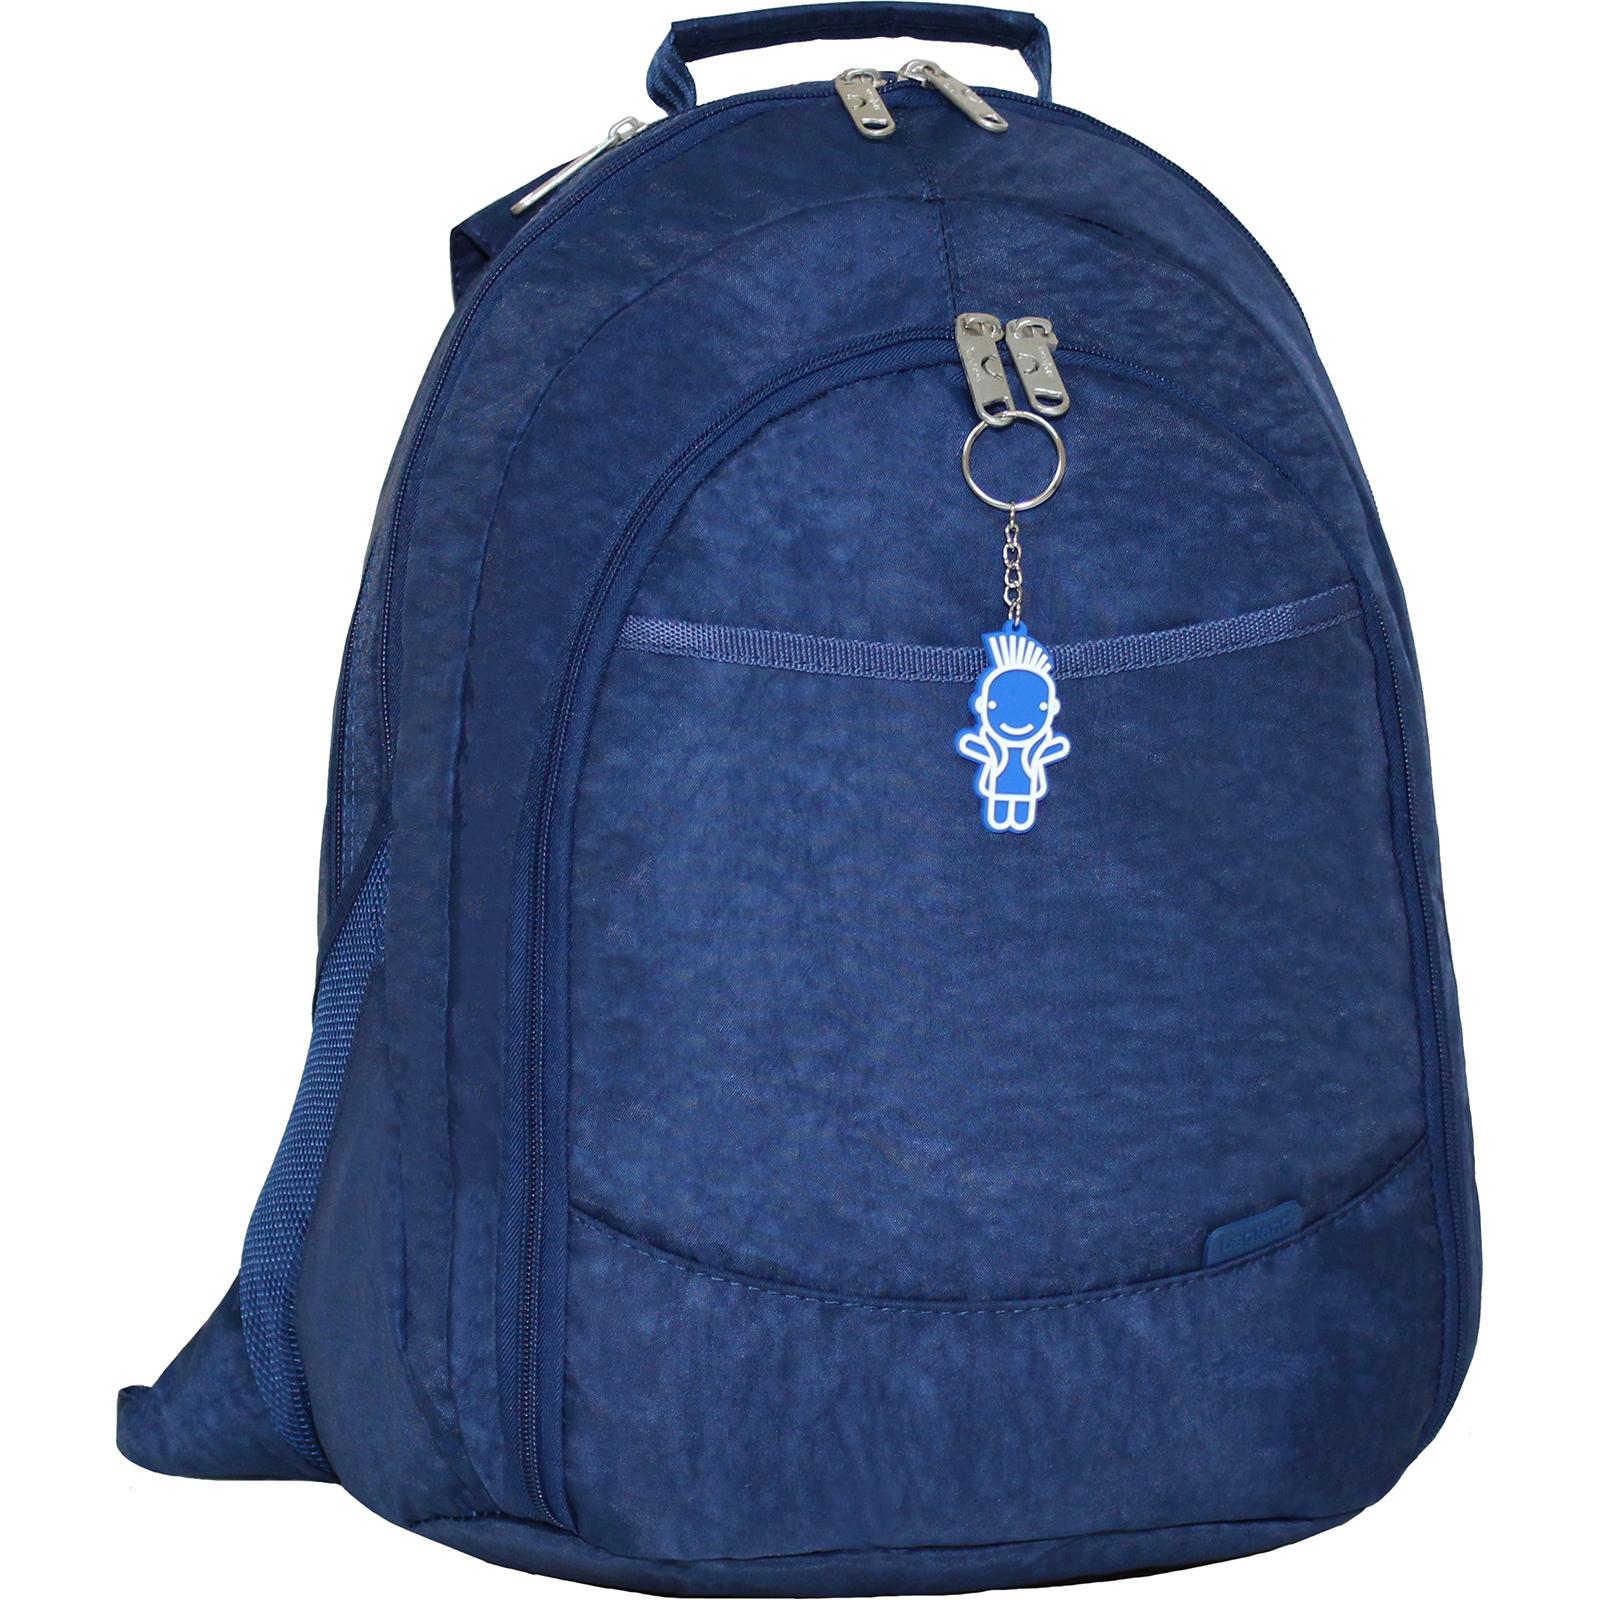 Городские рюкзаки Рюкзак Bagland Сити max 34 л. Синий (0053970) IMG_3999.JPG